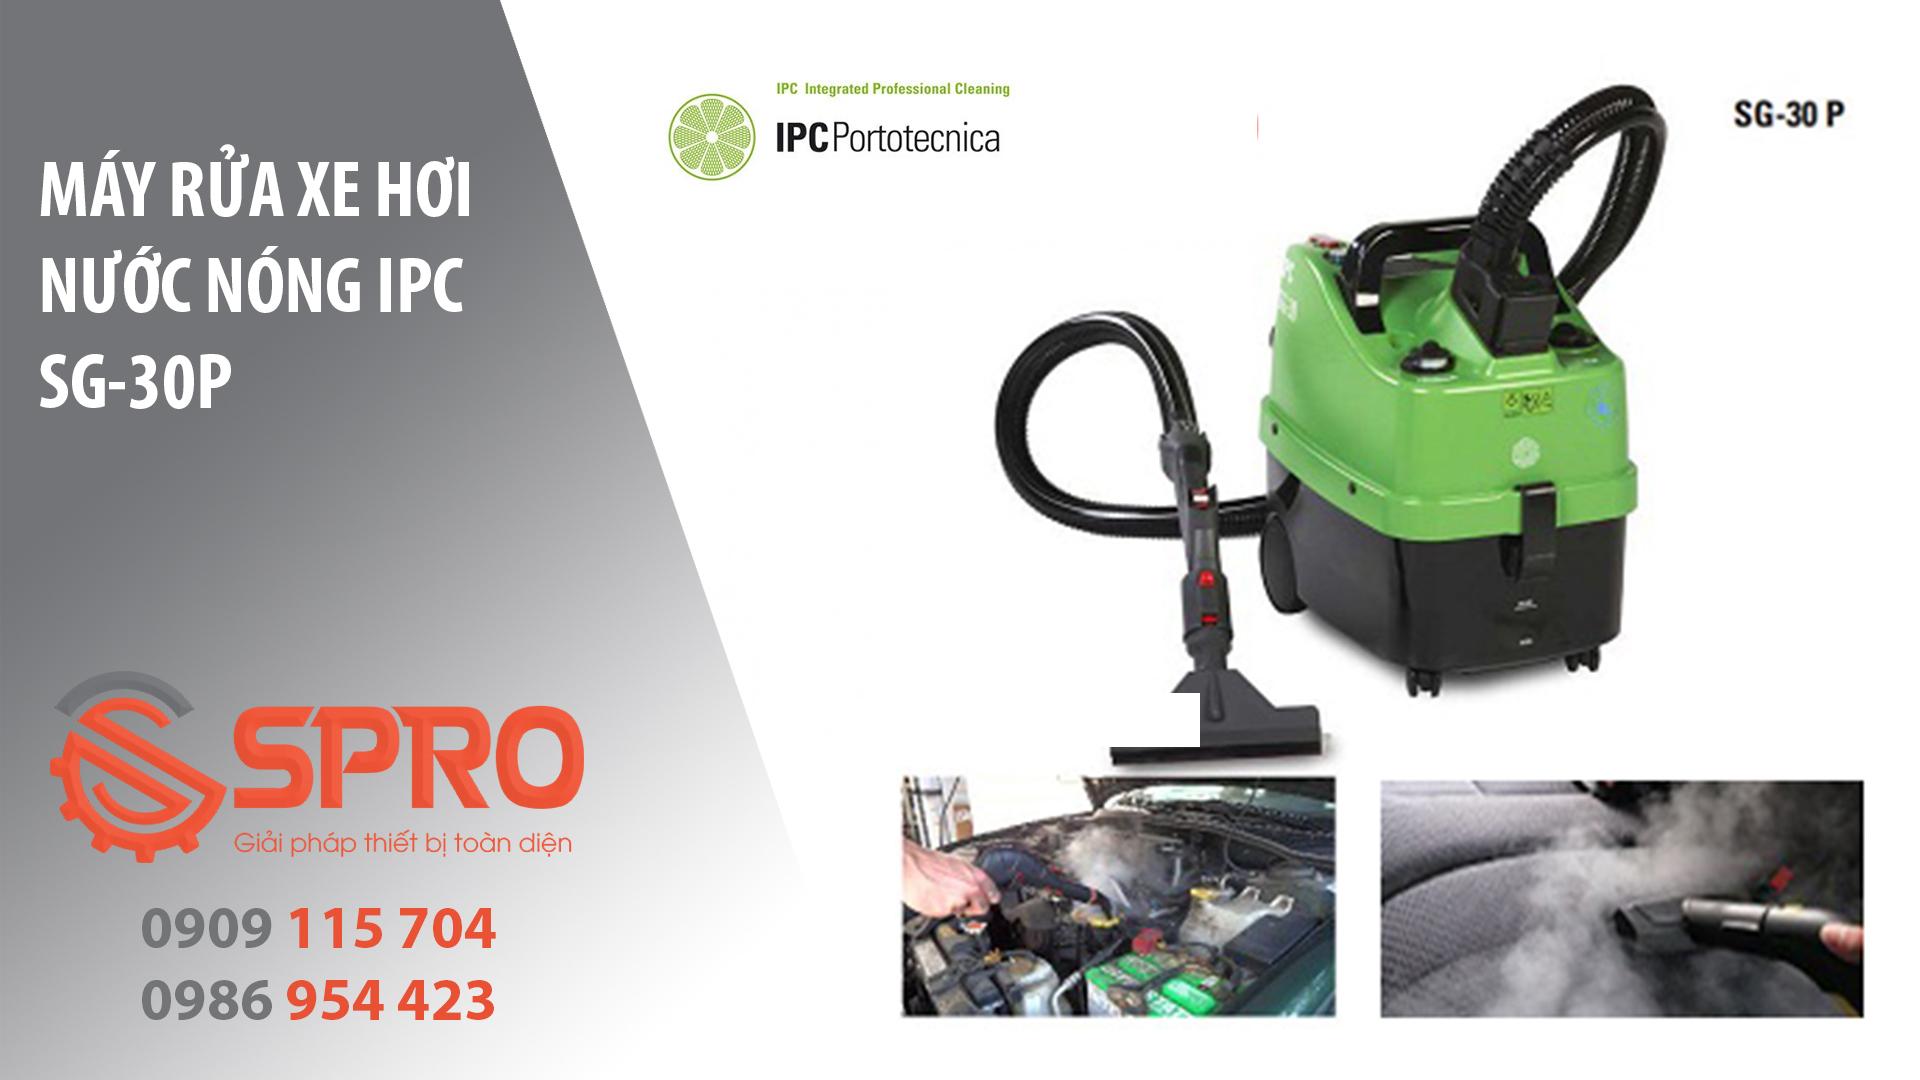 máy rửa xe hơi nước nóng IPC SG-30P